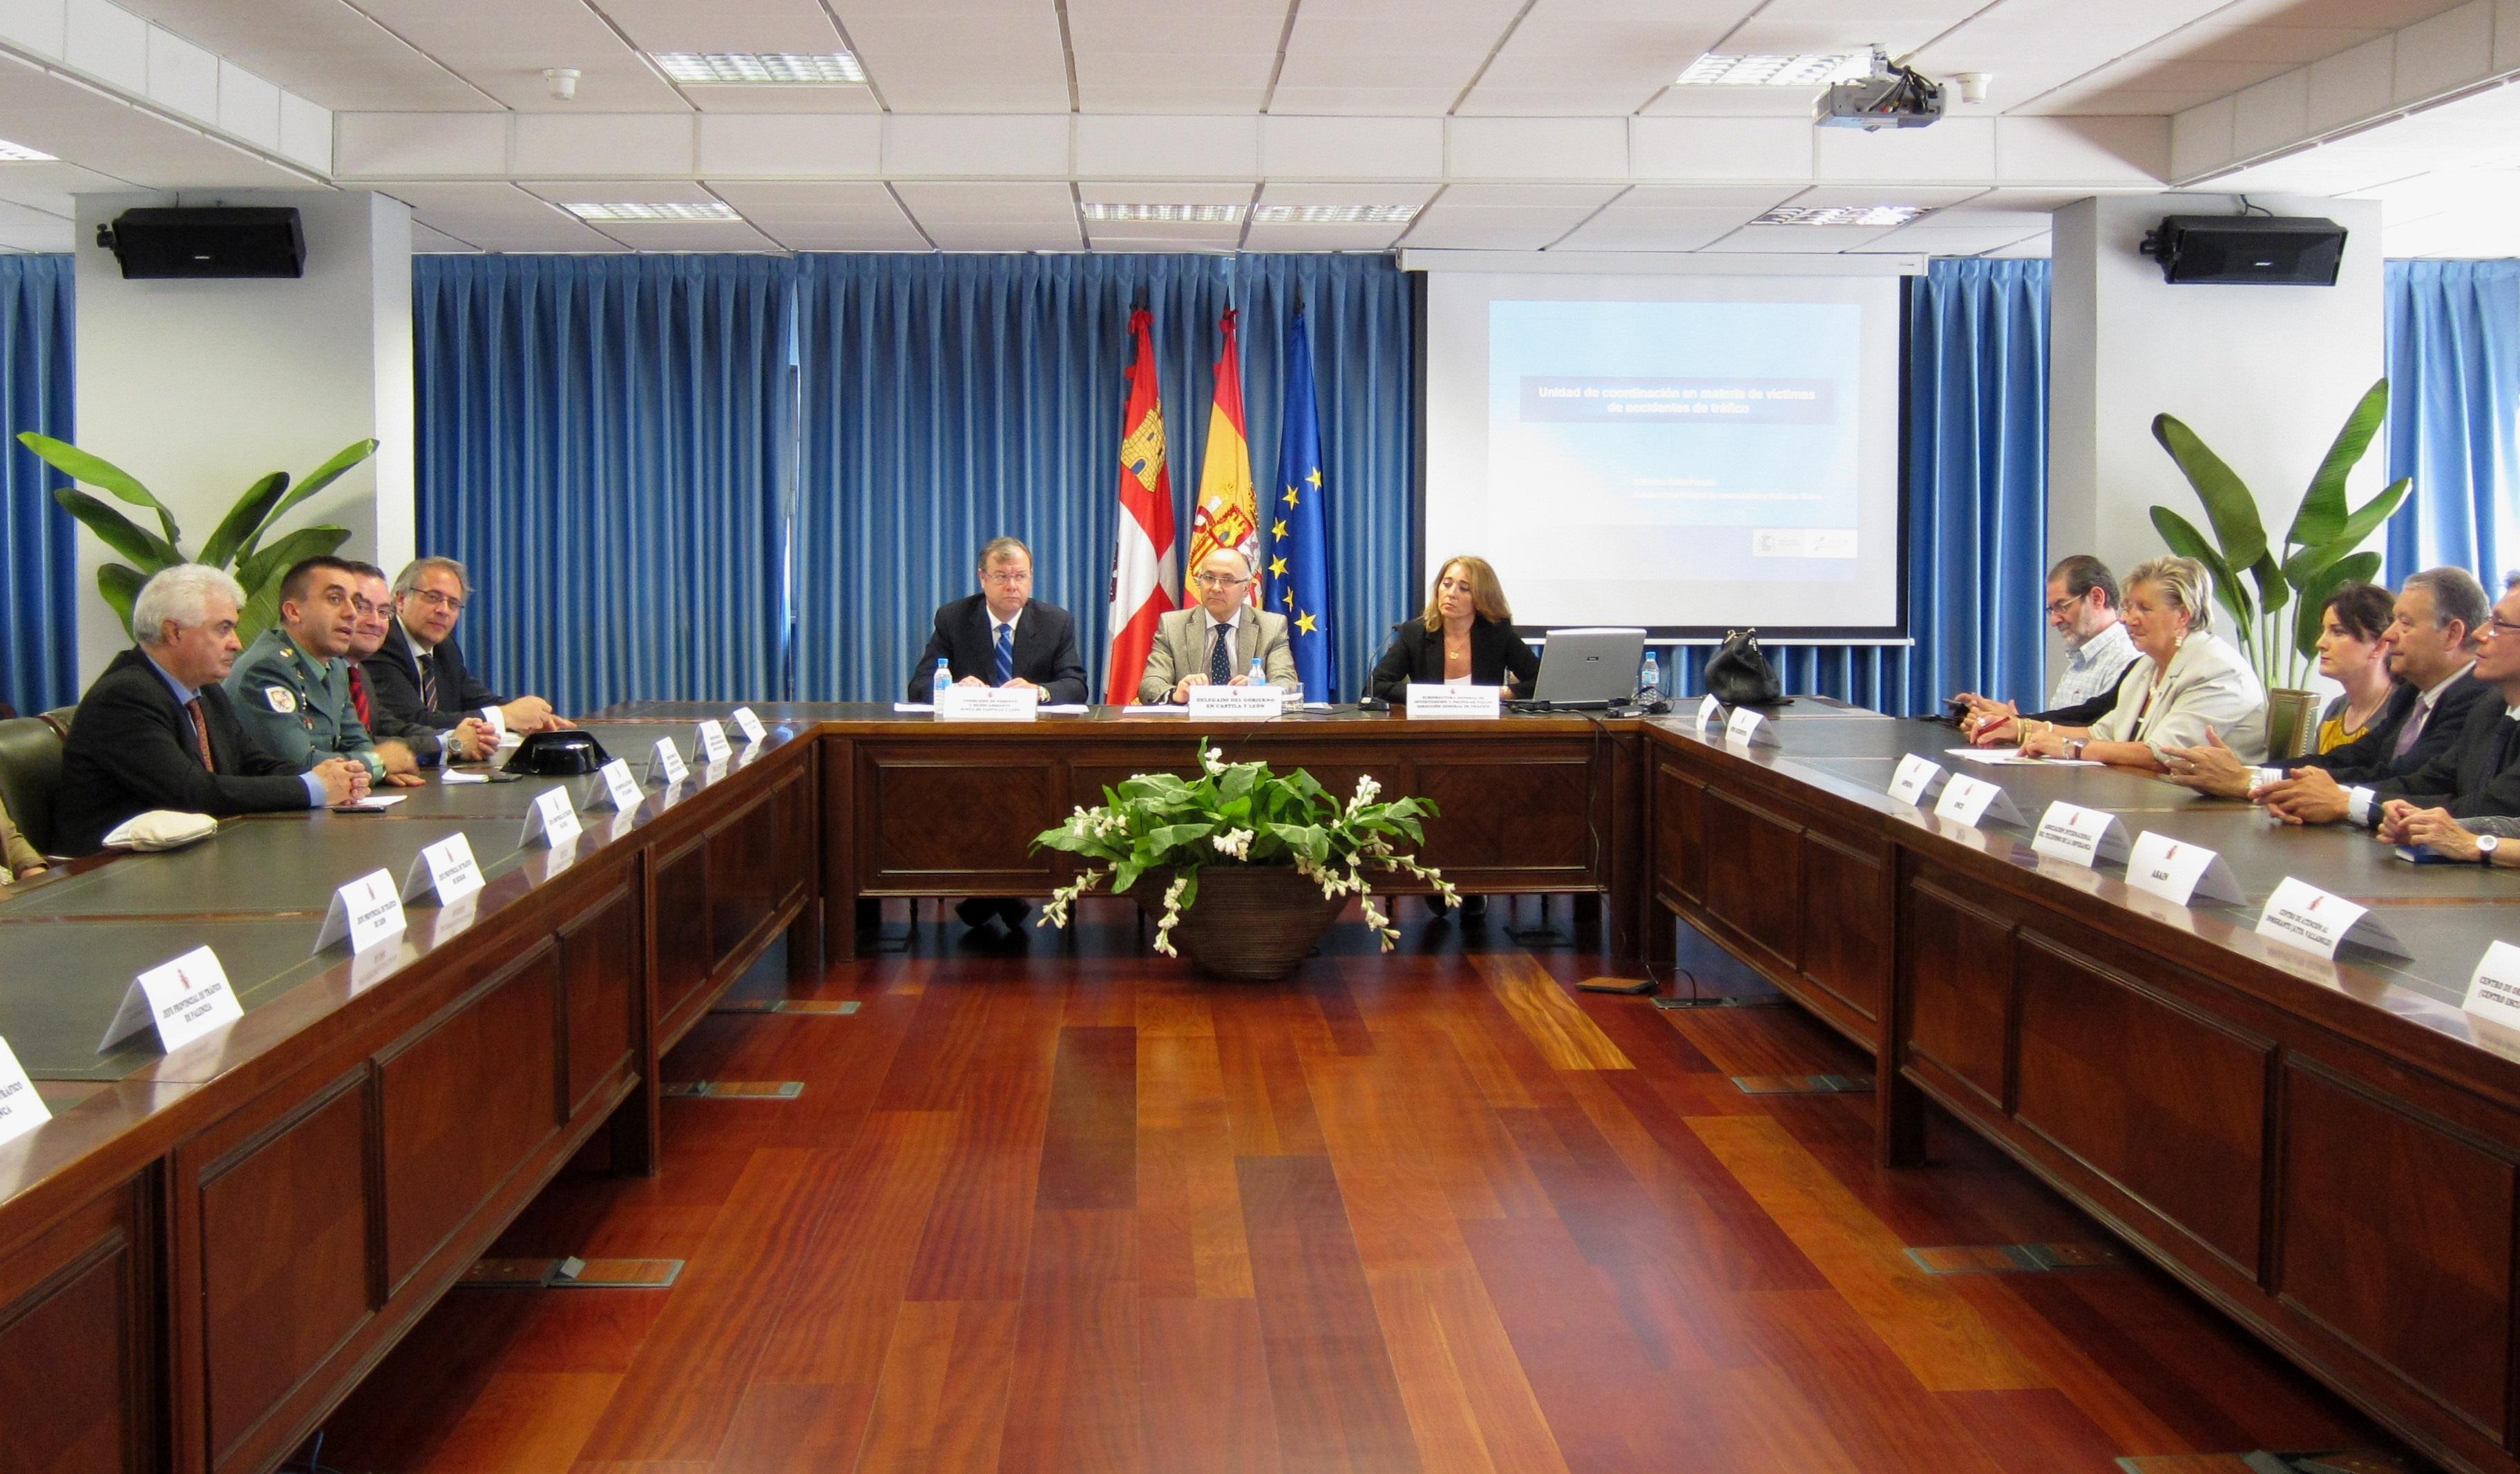 Junta y Gobierno central firmarán un convenio para la atención conjunta y coordinada a víctimas de accidentes de tráfico